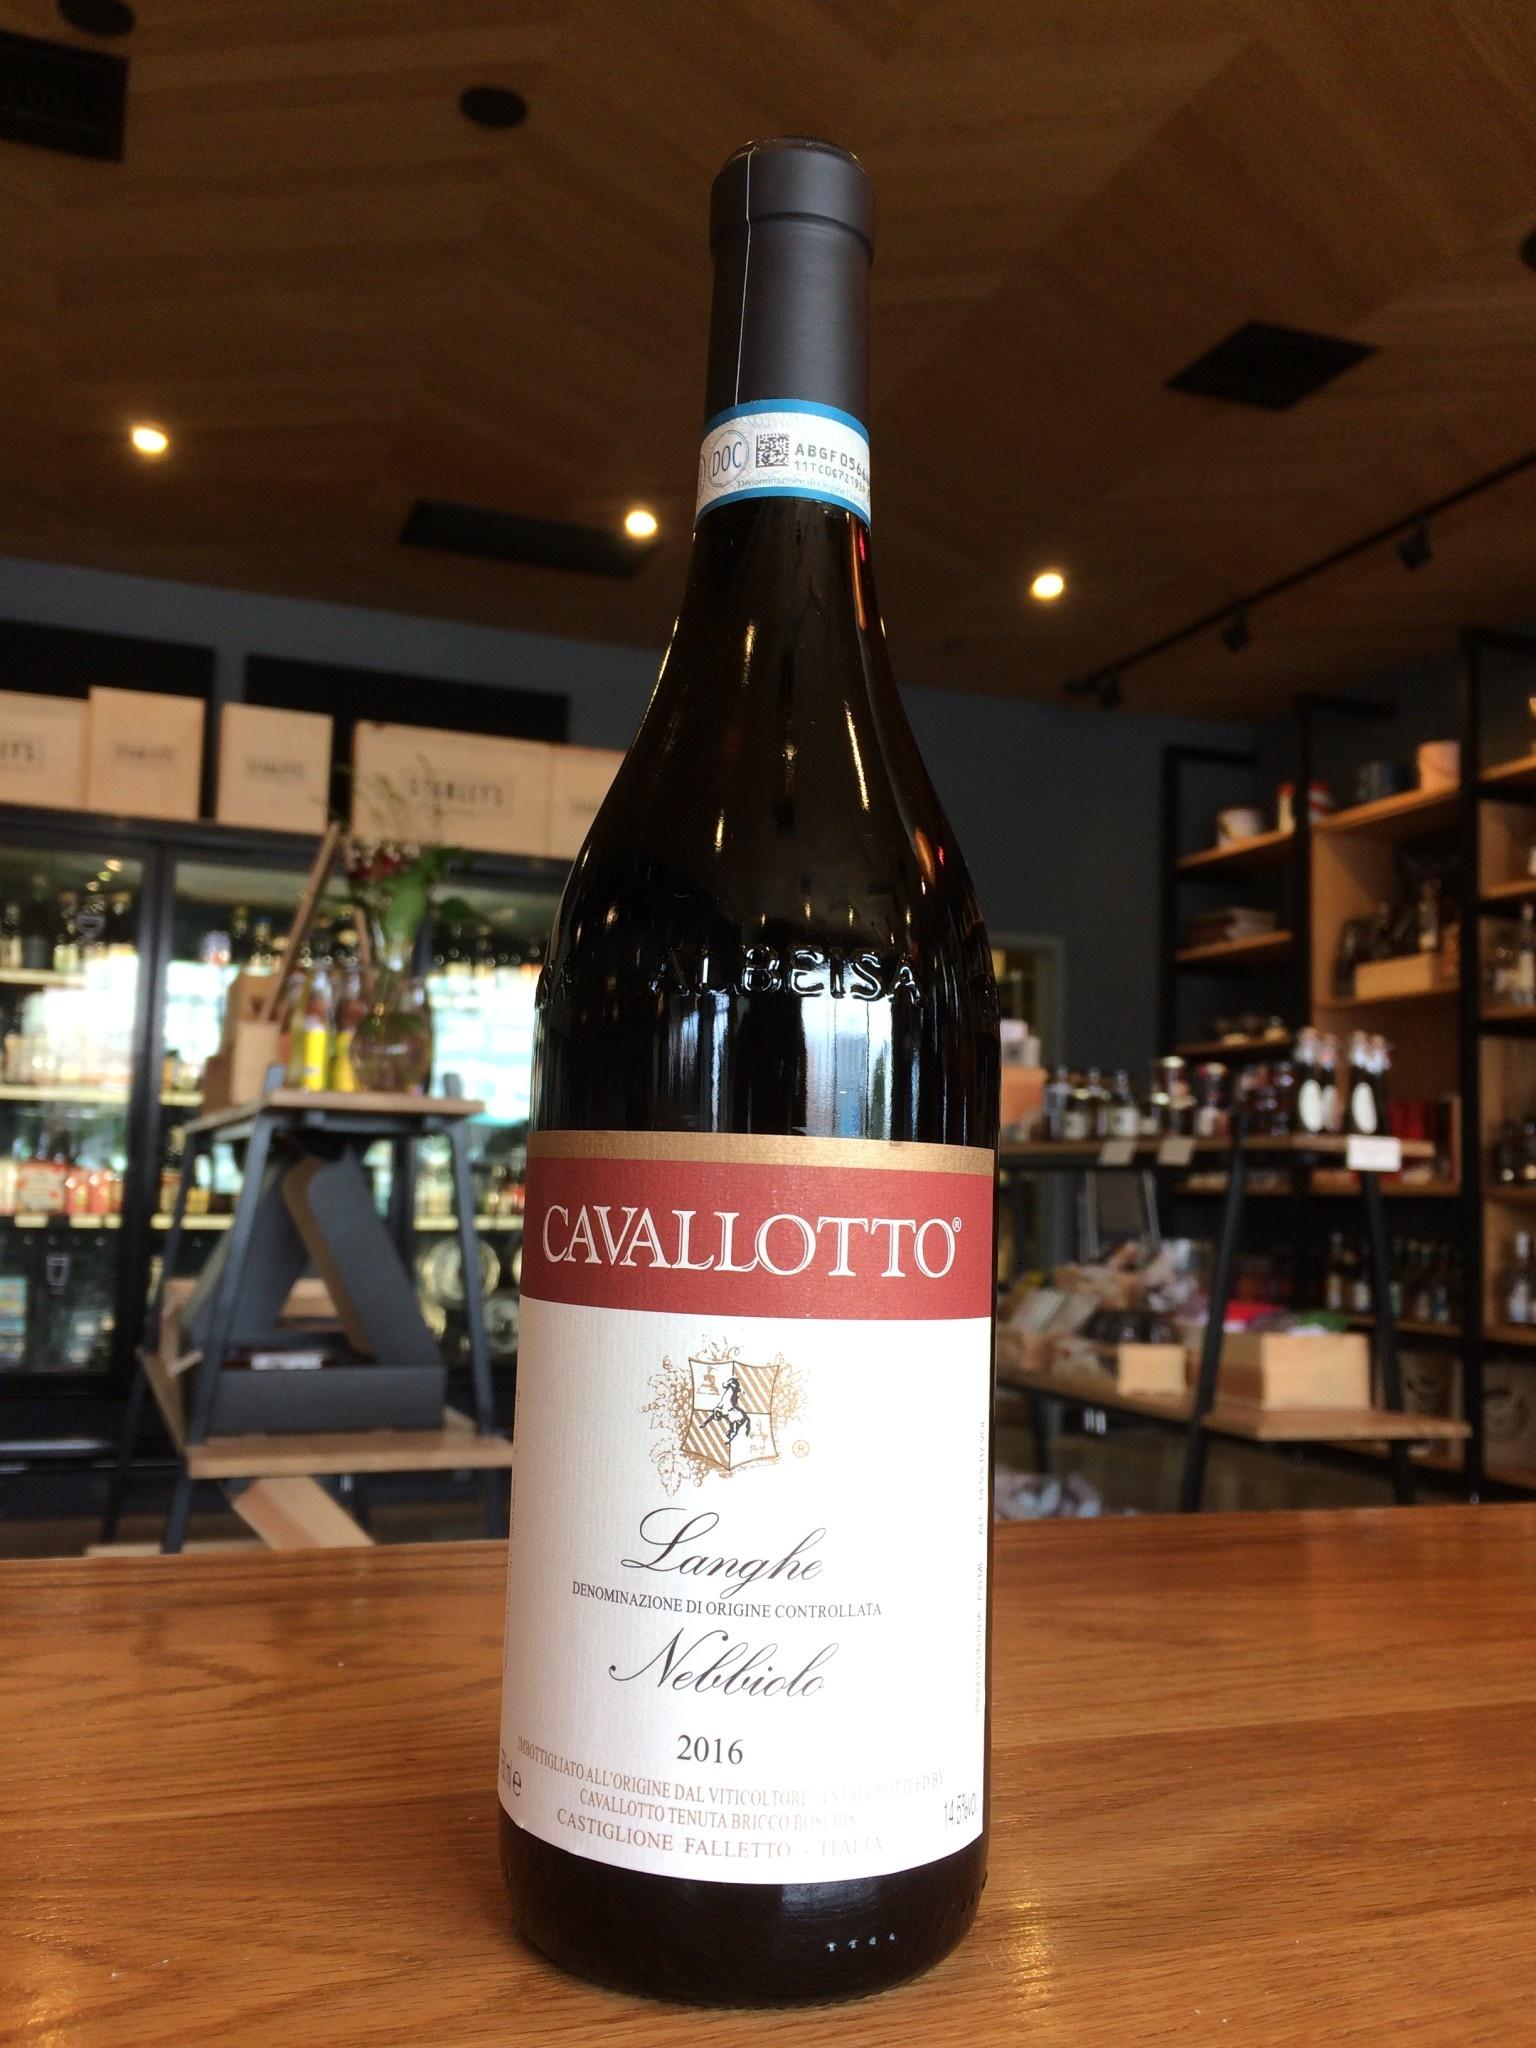 Cavallotto 2016 Cavallotto Langhe Nebbiolo 750ml